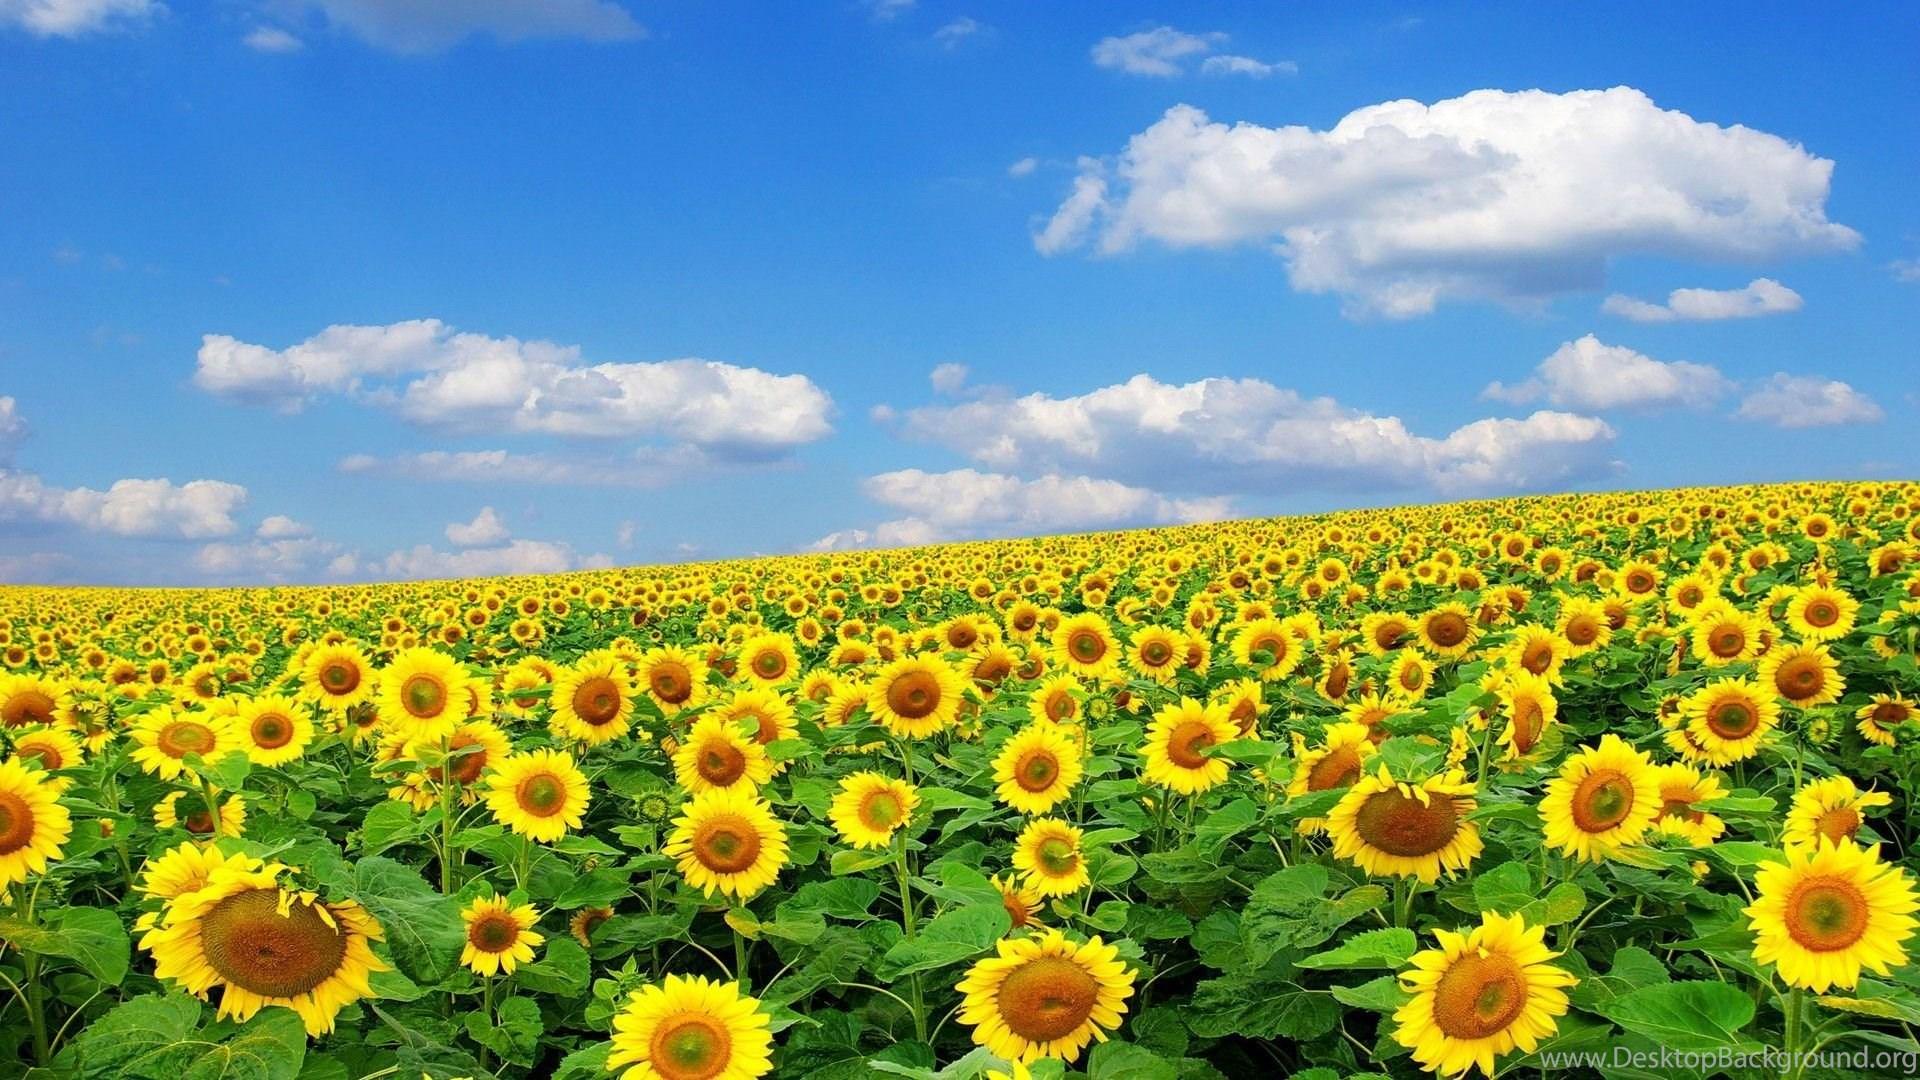 Sunflower Sunset HD Desktop Wallpaper